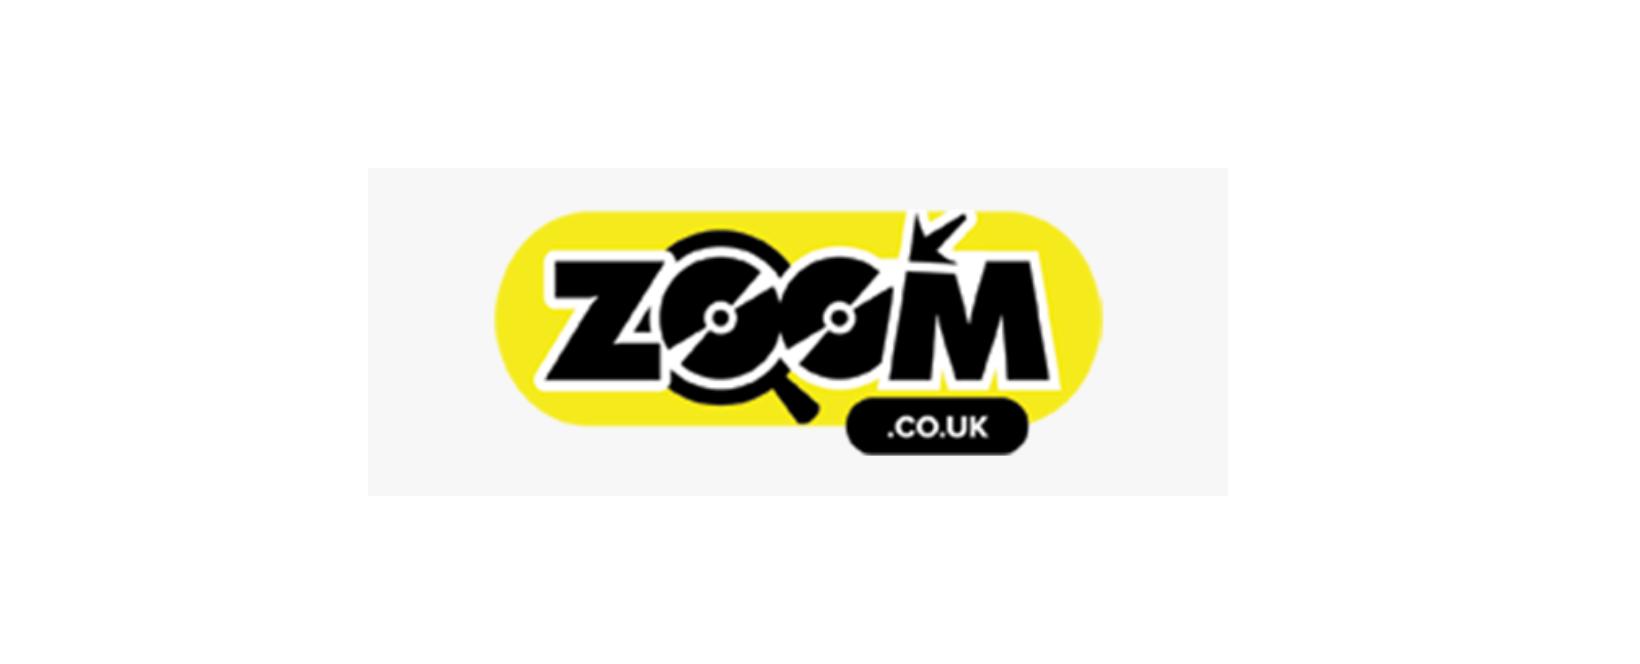 Zoom.co.uk Discount Code 2021